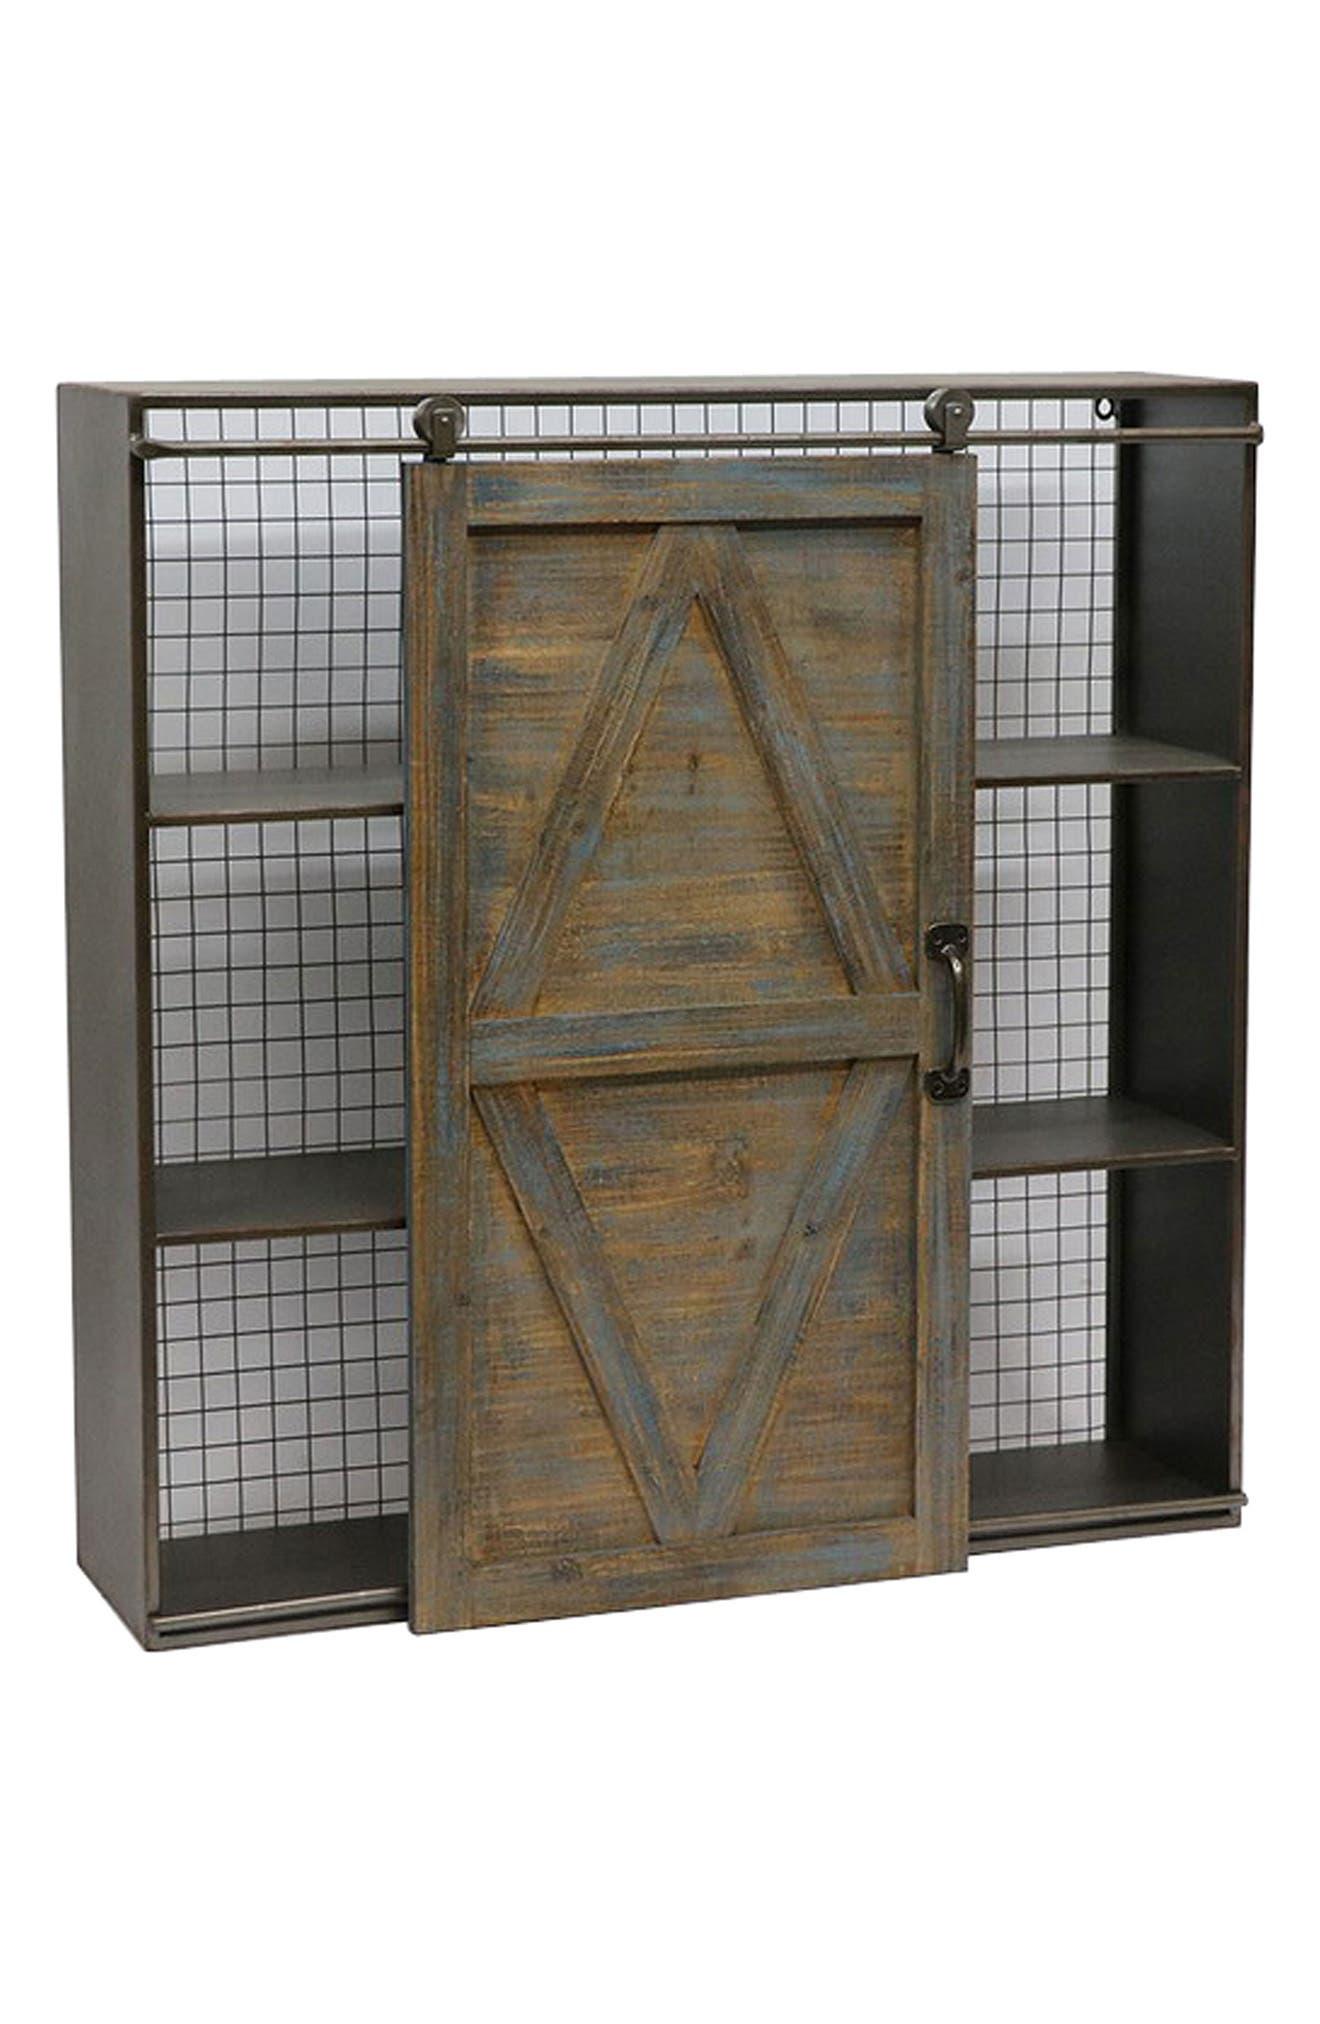 Crystal Art Gallery Sliding Door Bookshelf